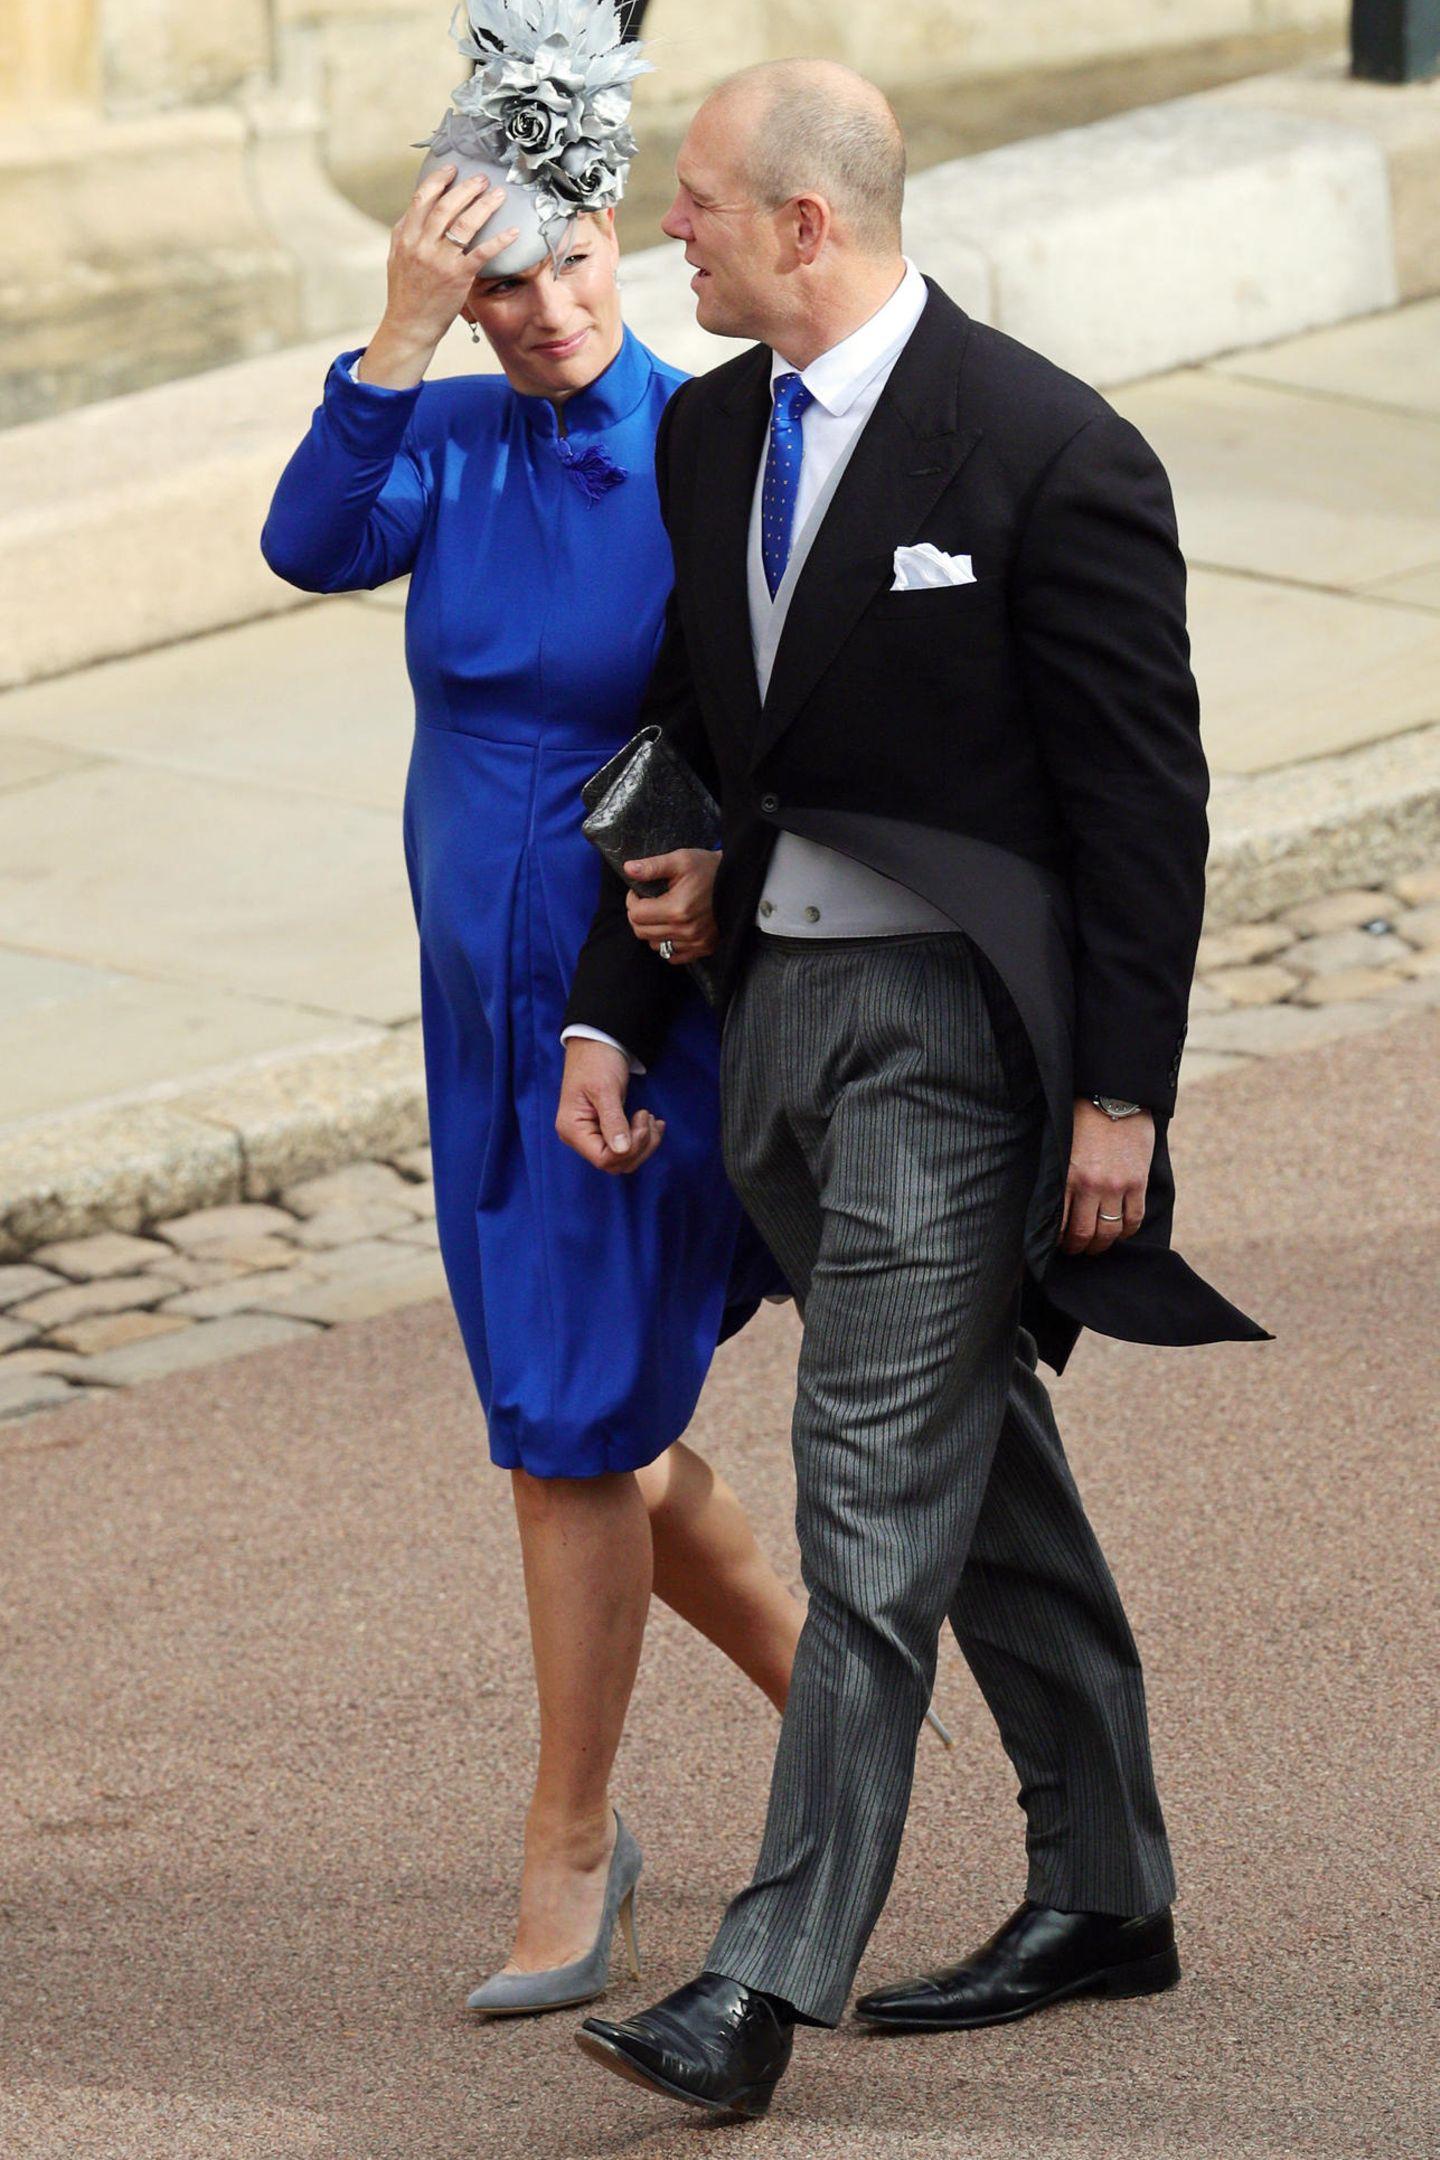 Bei den Familienmitgliedern dürfen Prinzessin Eugenies Cousine Zara Phillips und ihr Mann Mike Tindall natürlich nicht fehlen ...